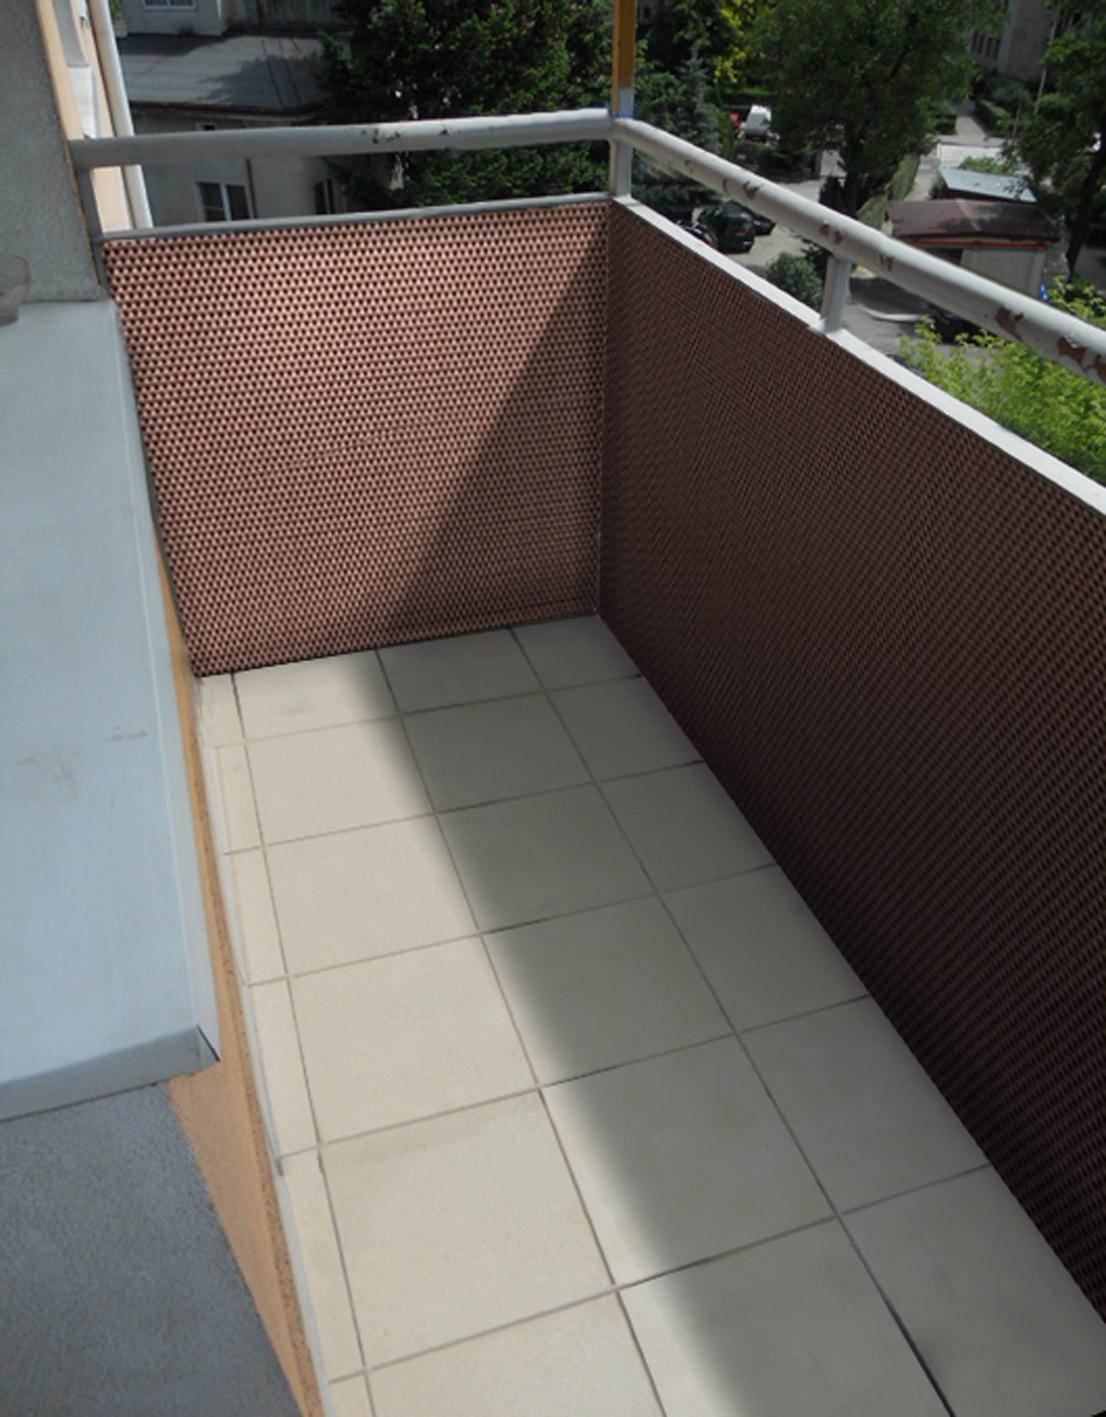 Balkonblende 0 9m Br Meterware Sichtschutz Aus Pe Rattan Hellbraun